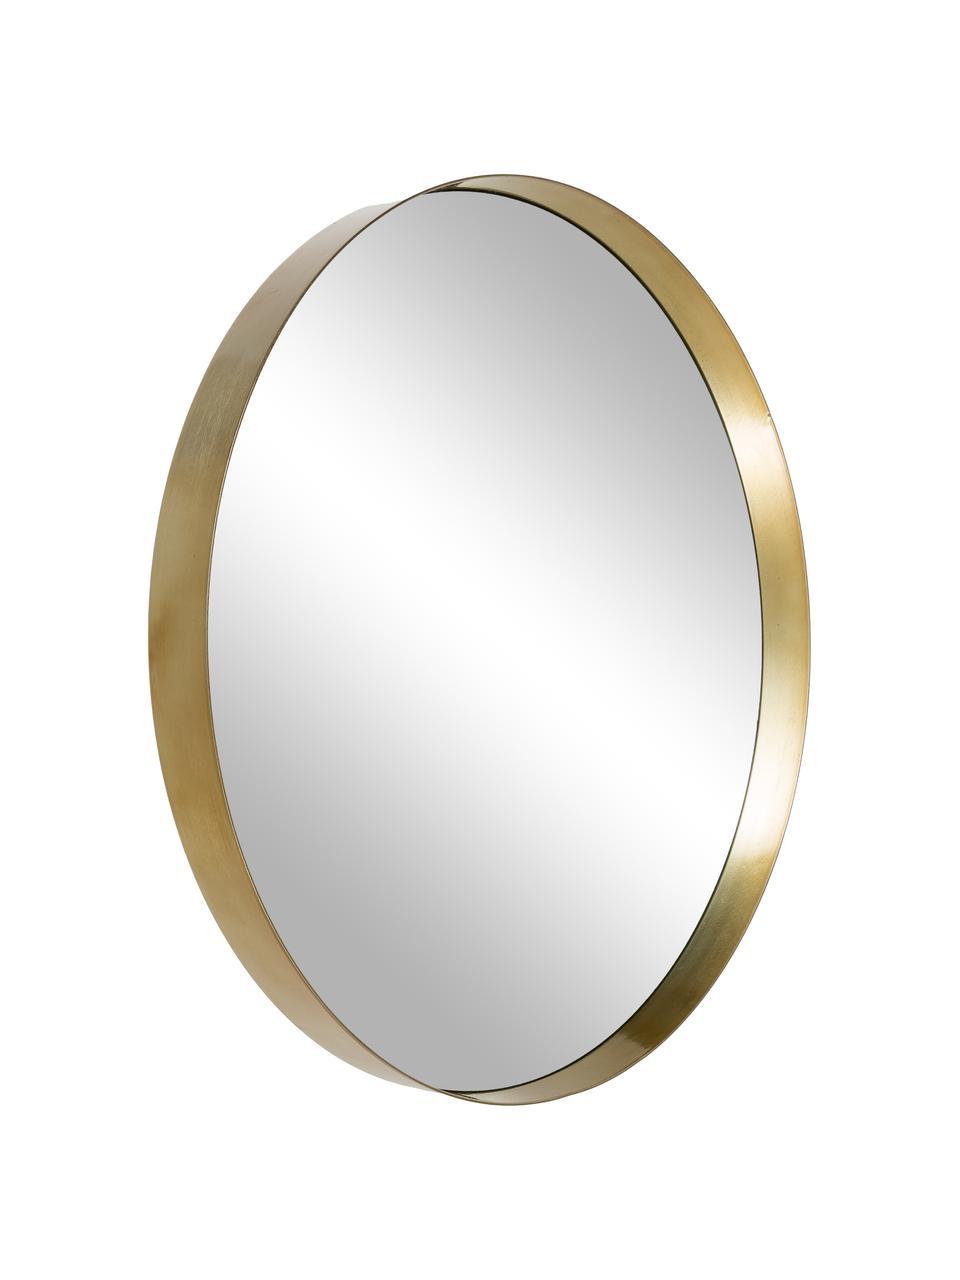 Runder Wandspiegel Metal mit Goldrahmen, Rahmen: Metall, lackiert mit gewo, Rahmen: Goldfarben Spiegelglas, Ø 30 cm